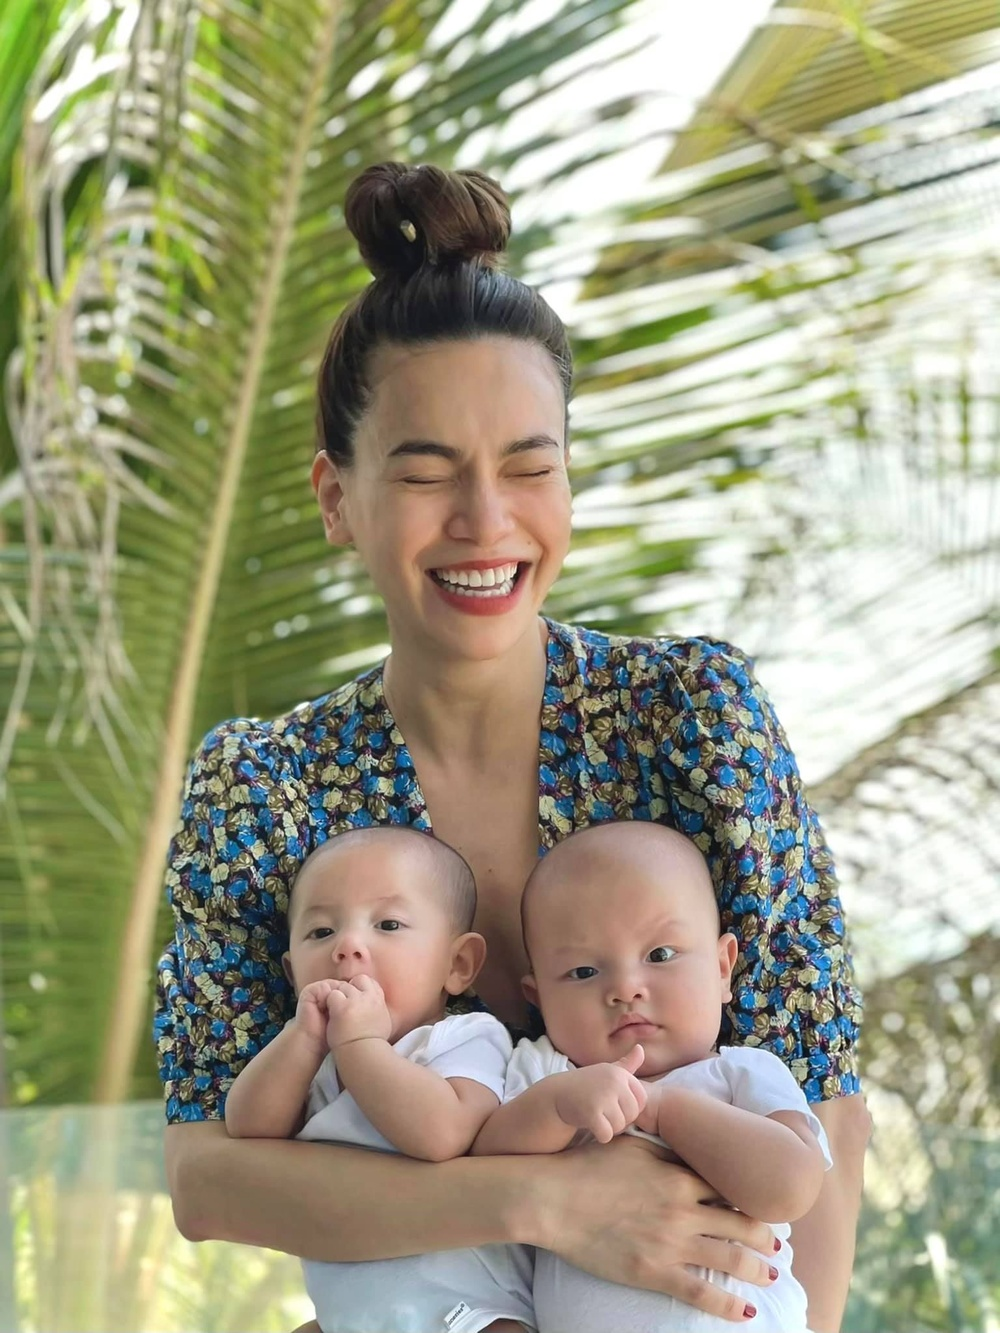 Hồ Ngọc Hà lại gây sốt khi khoe ảnh Lisa - Leon, tiết lộ điều ngọt ngào về 2 con Ảnh 7